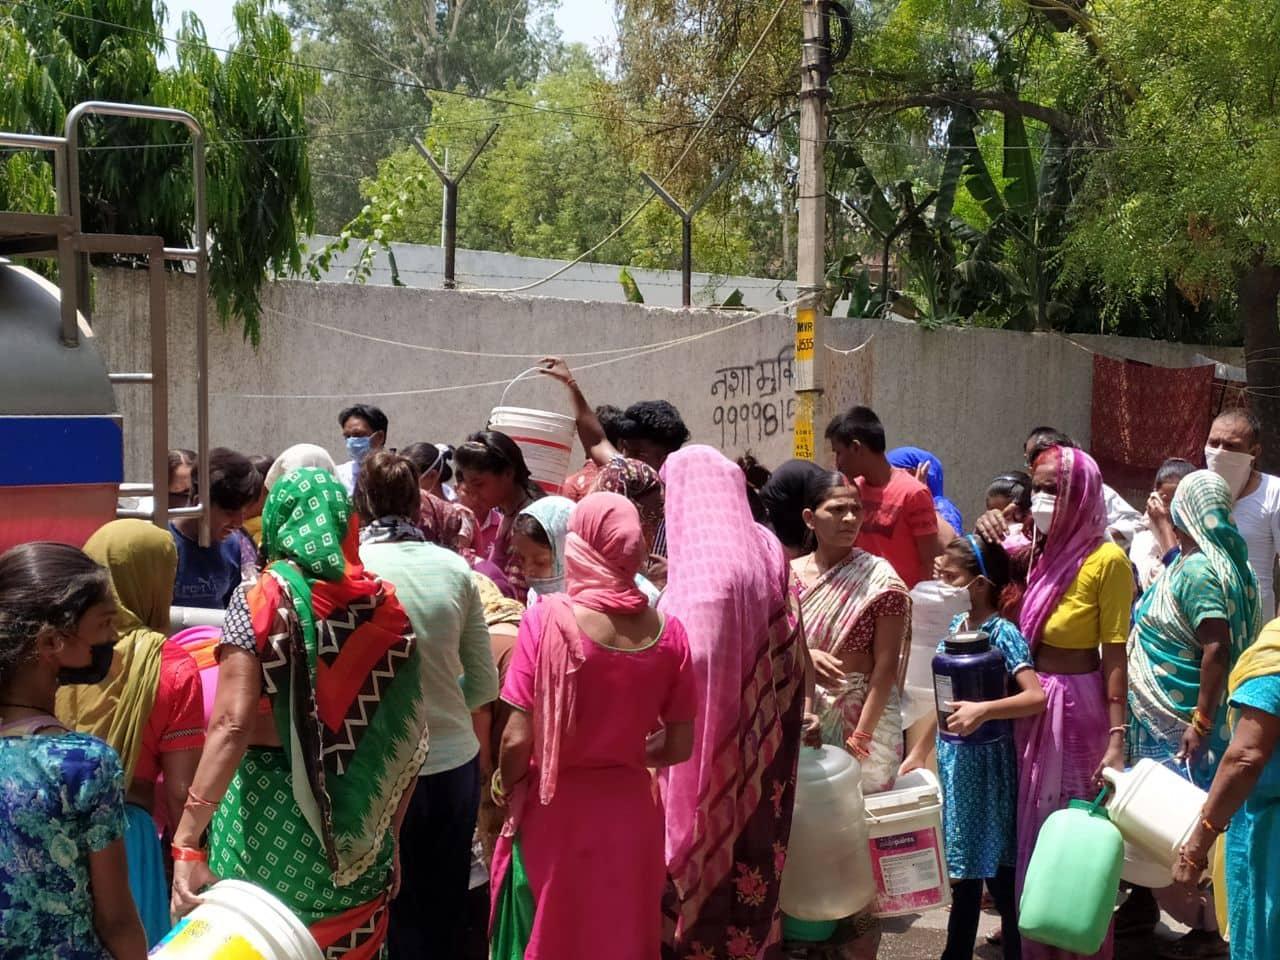 Lockdown in India